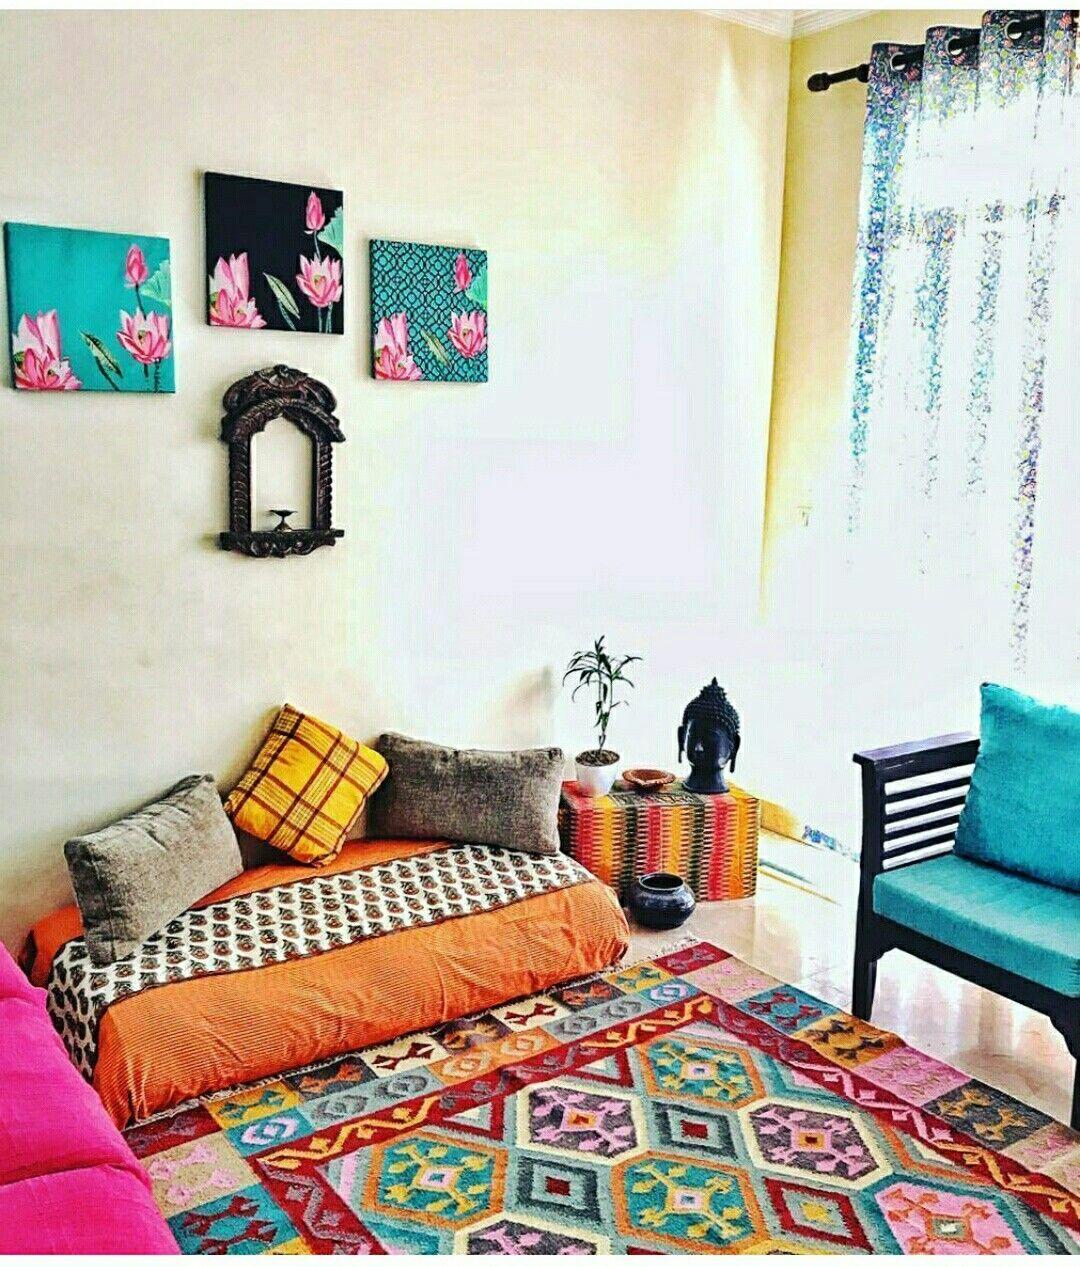 Indian home decor homes india house also kajal tyagi tour thekeybunch ideas in tours rh pinterest